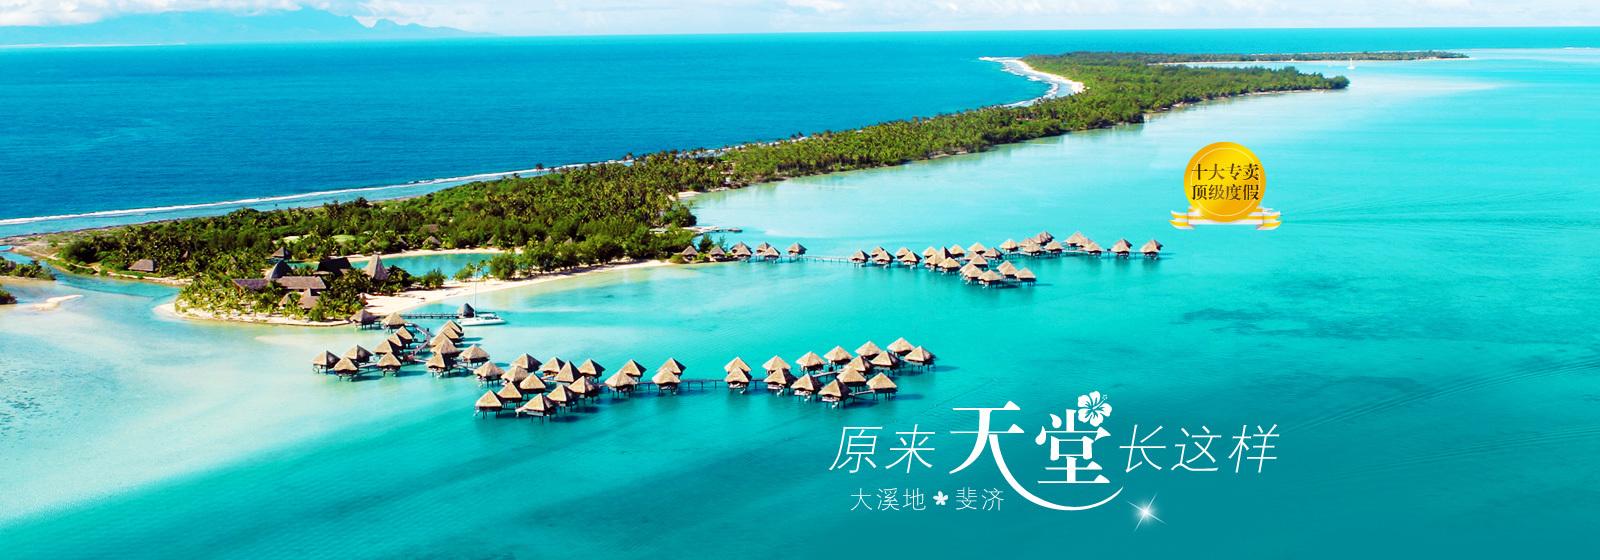 斐济七天梦幻海岛游-学路网-学习路上 有我相伴